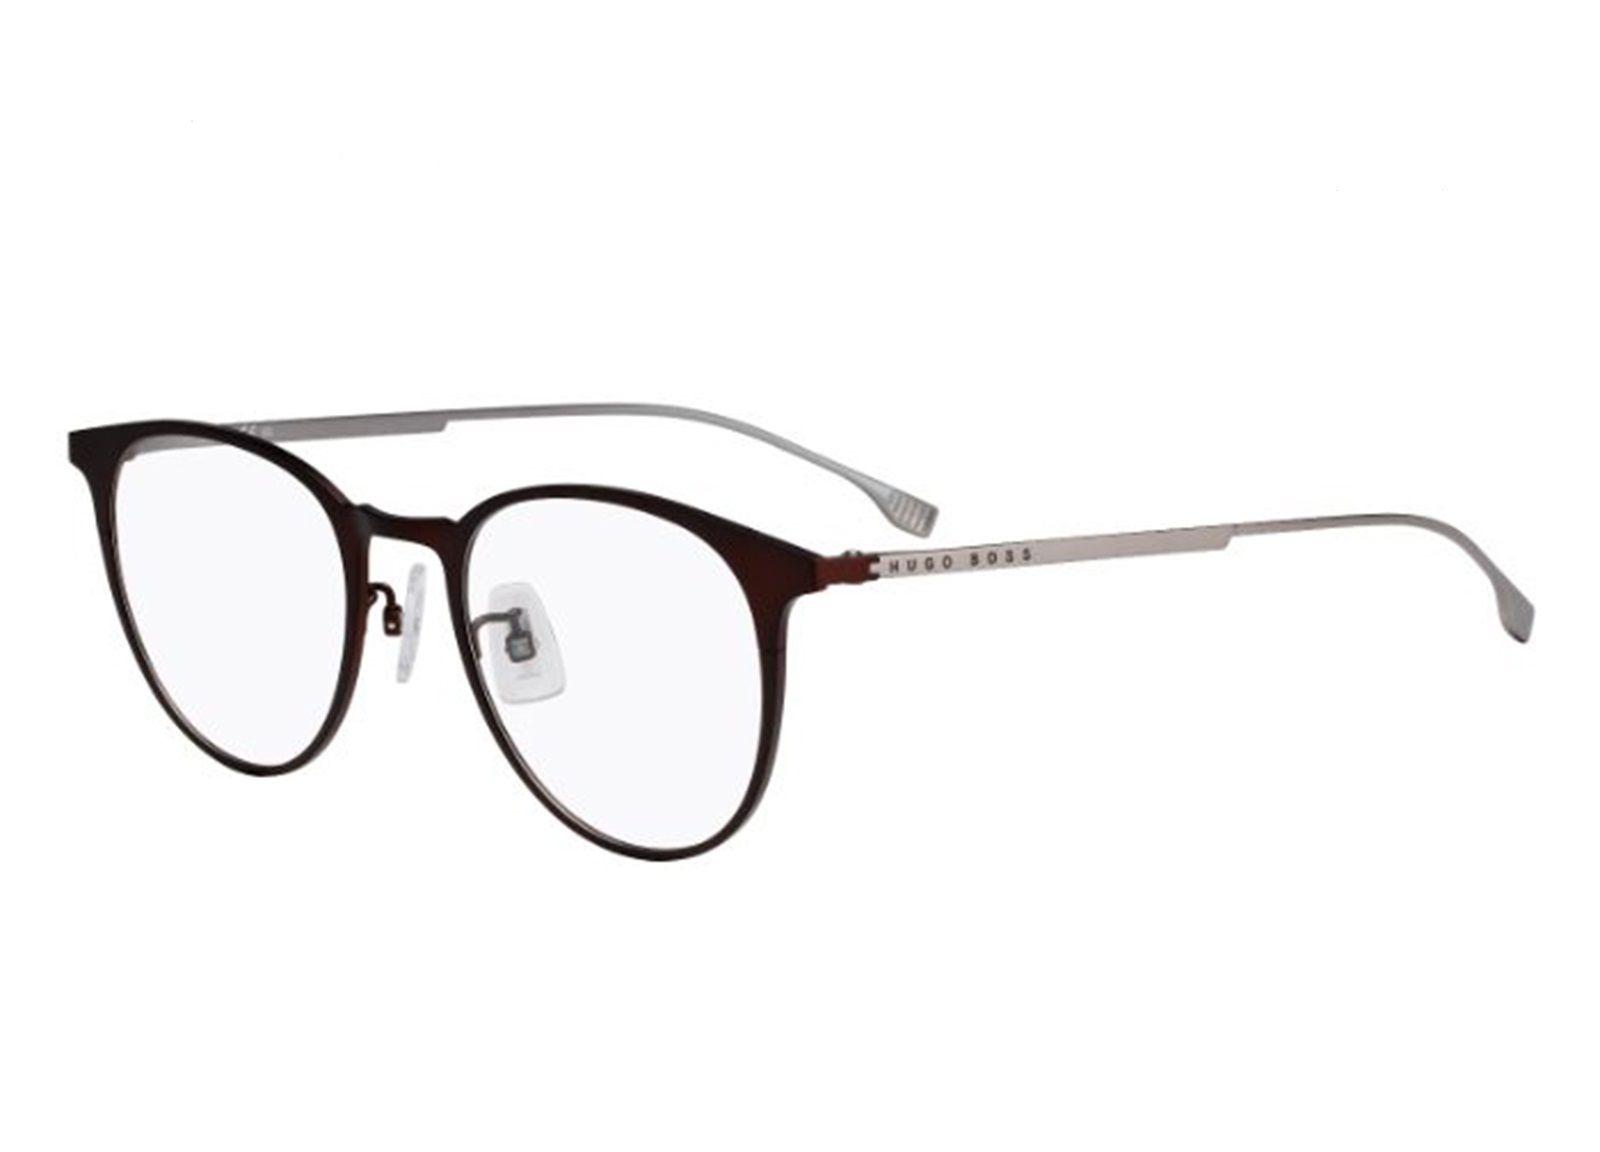 f6f74ce764542 Armação De Óculos De Grau Masculino Hugo Boss 1031 F O6W - Omega ...